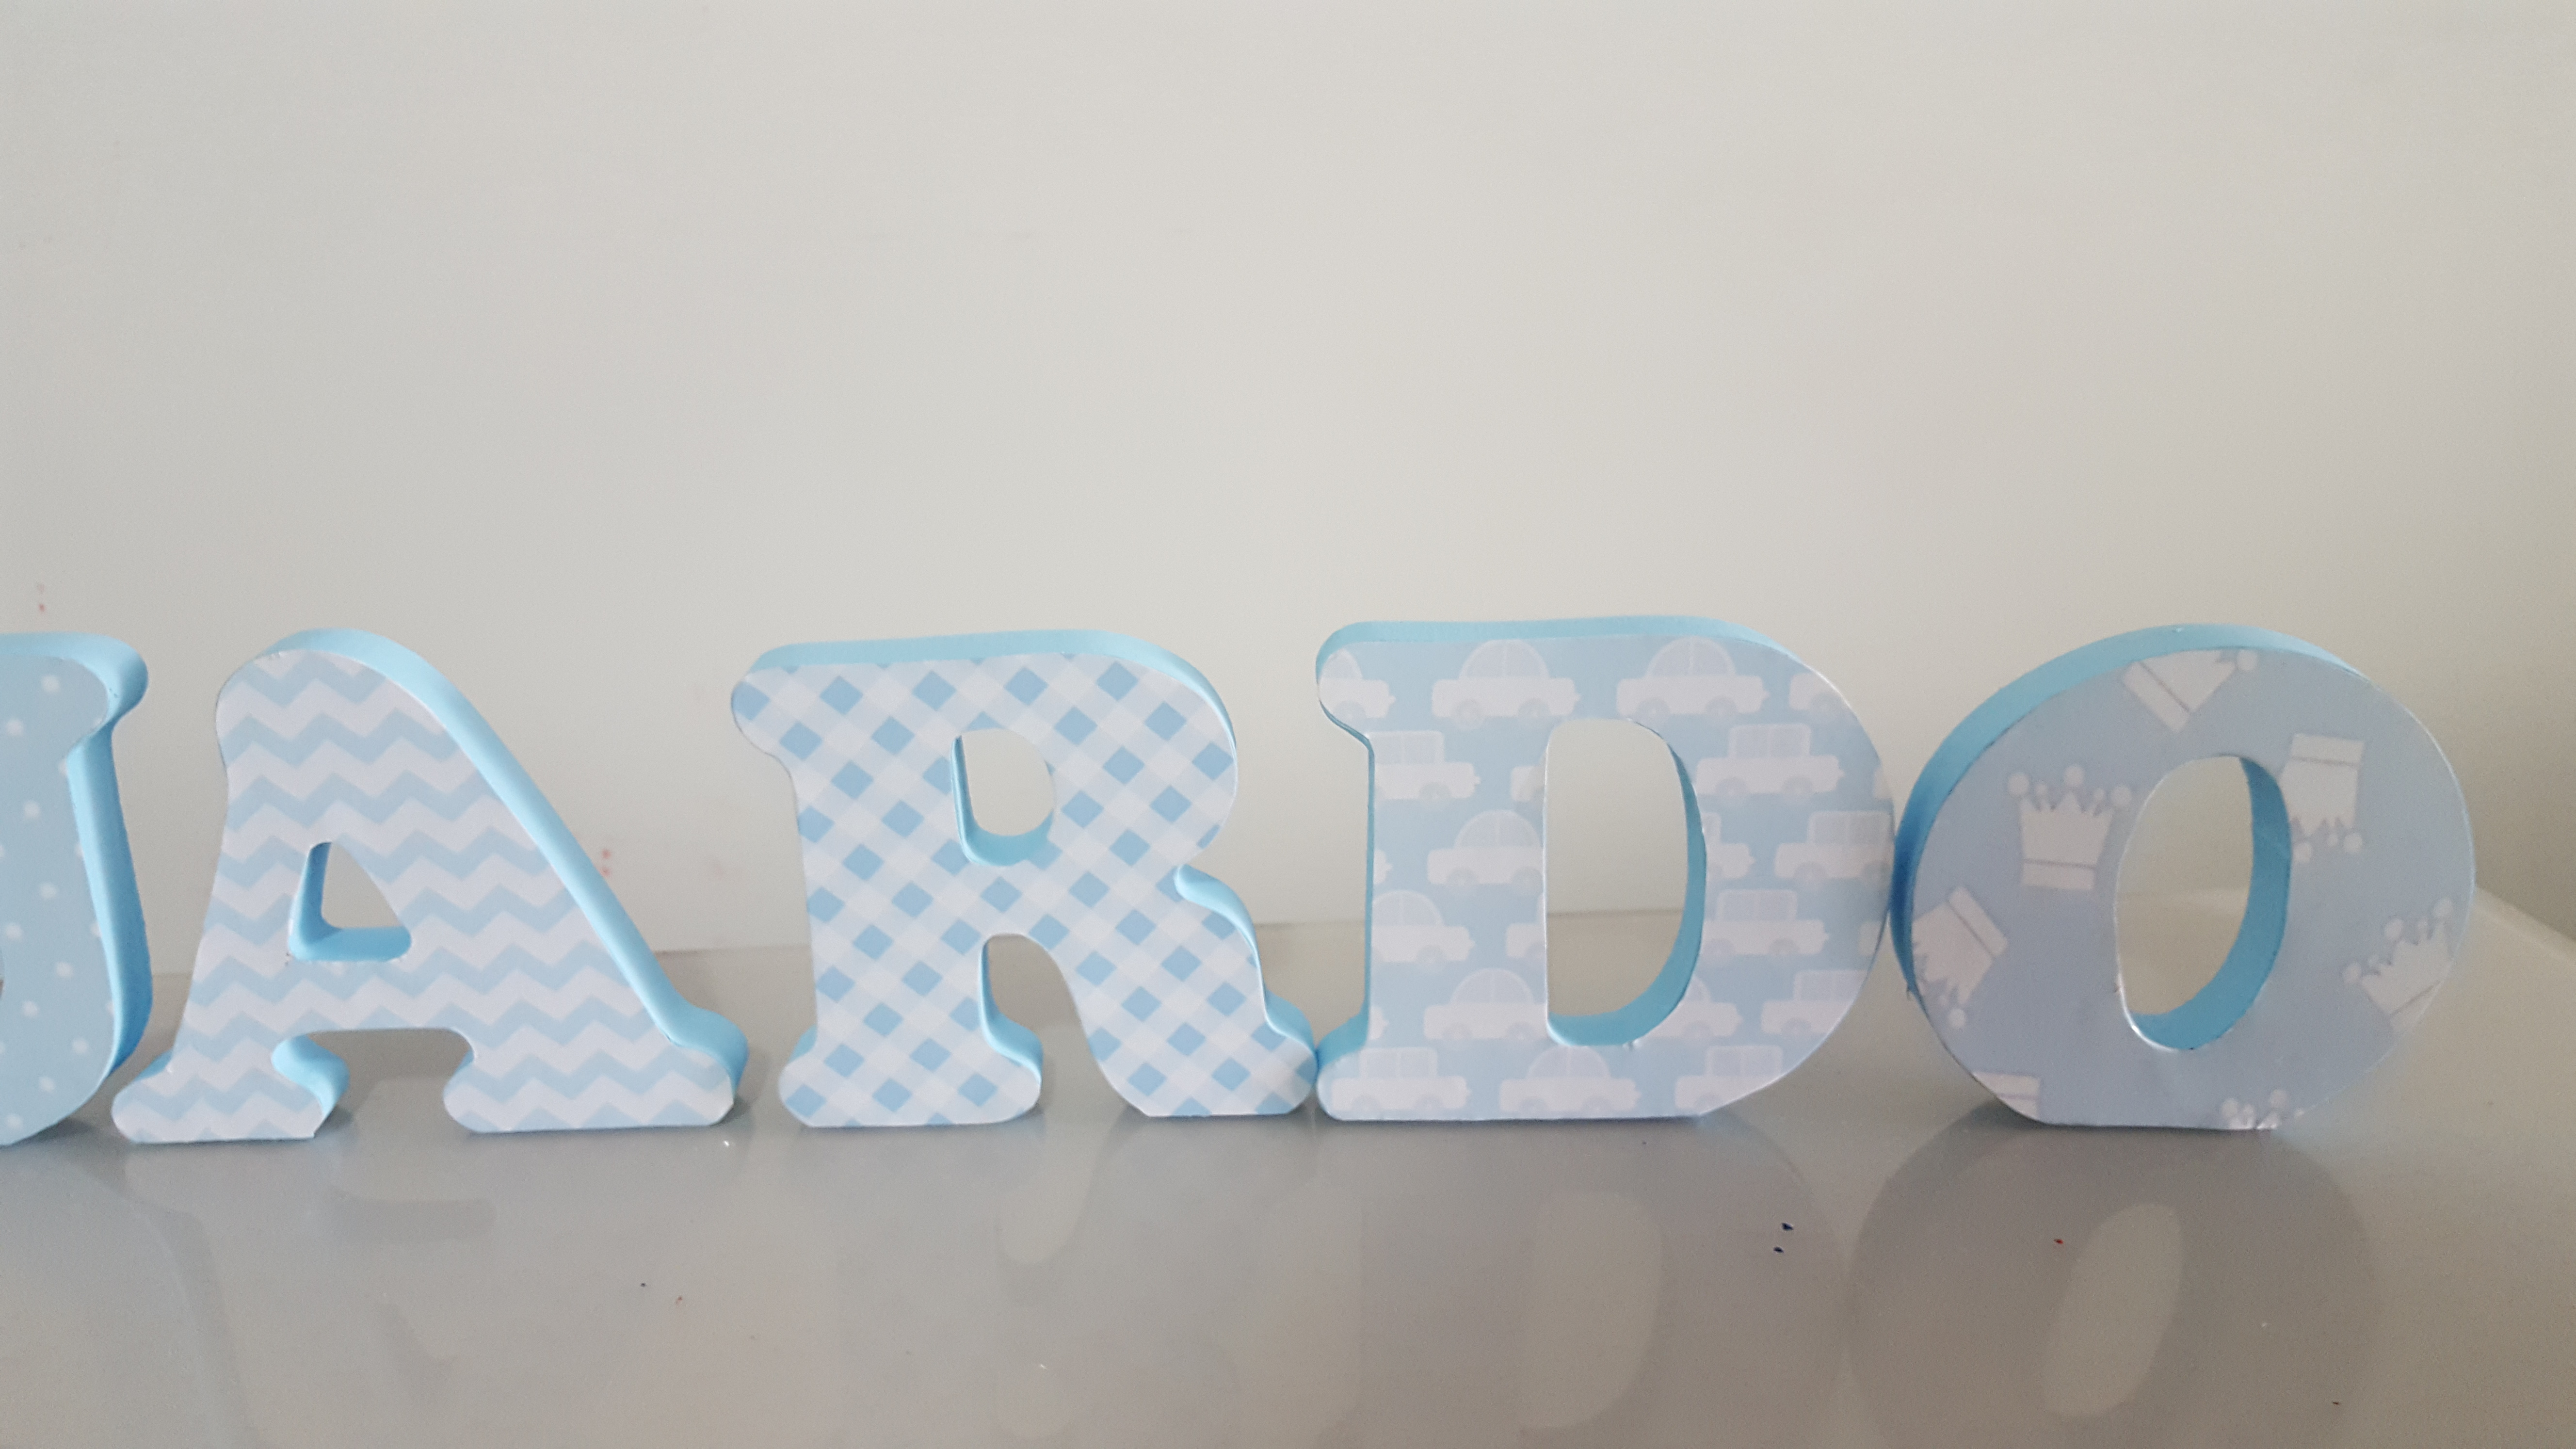 Letras bebe decoracion letras decoradas ursinho azul marinho ki luxo lembranas e convites elo - Letras bebe decoracion ...